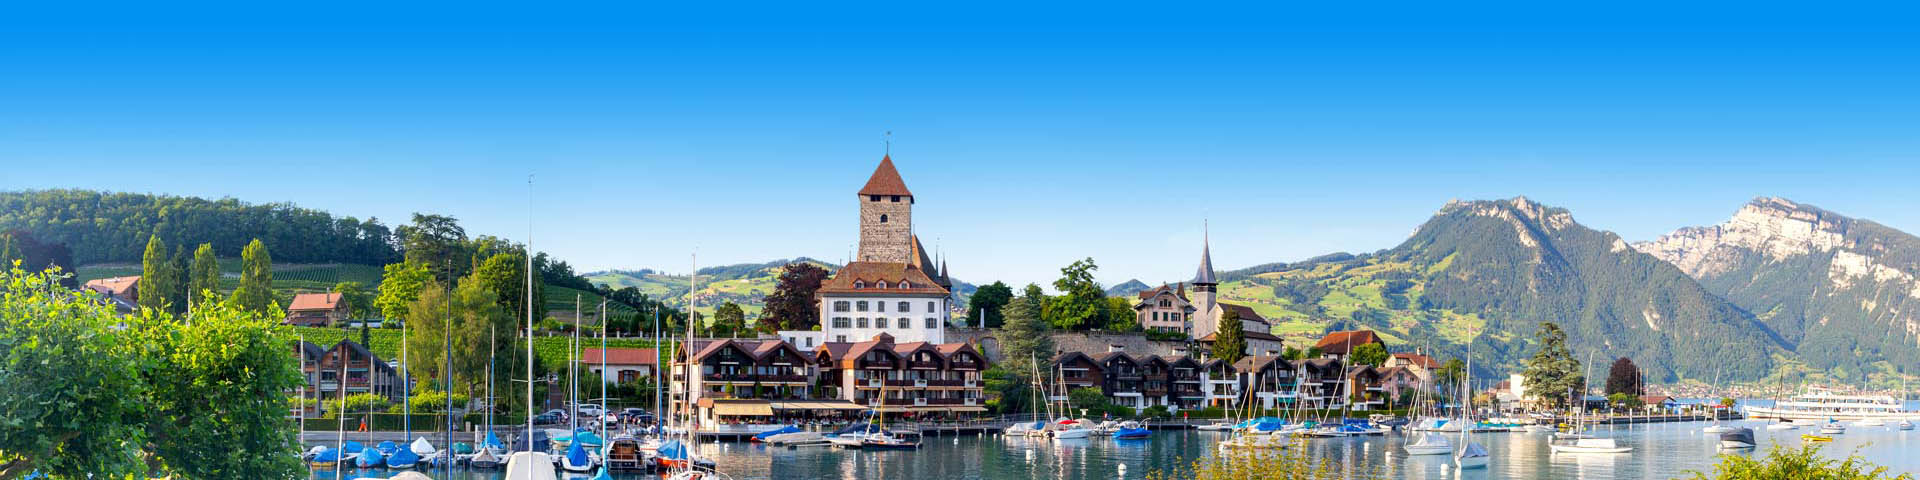 Haven met uitzicht op een kerk en in de verte groen landschap in Zwitserland.